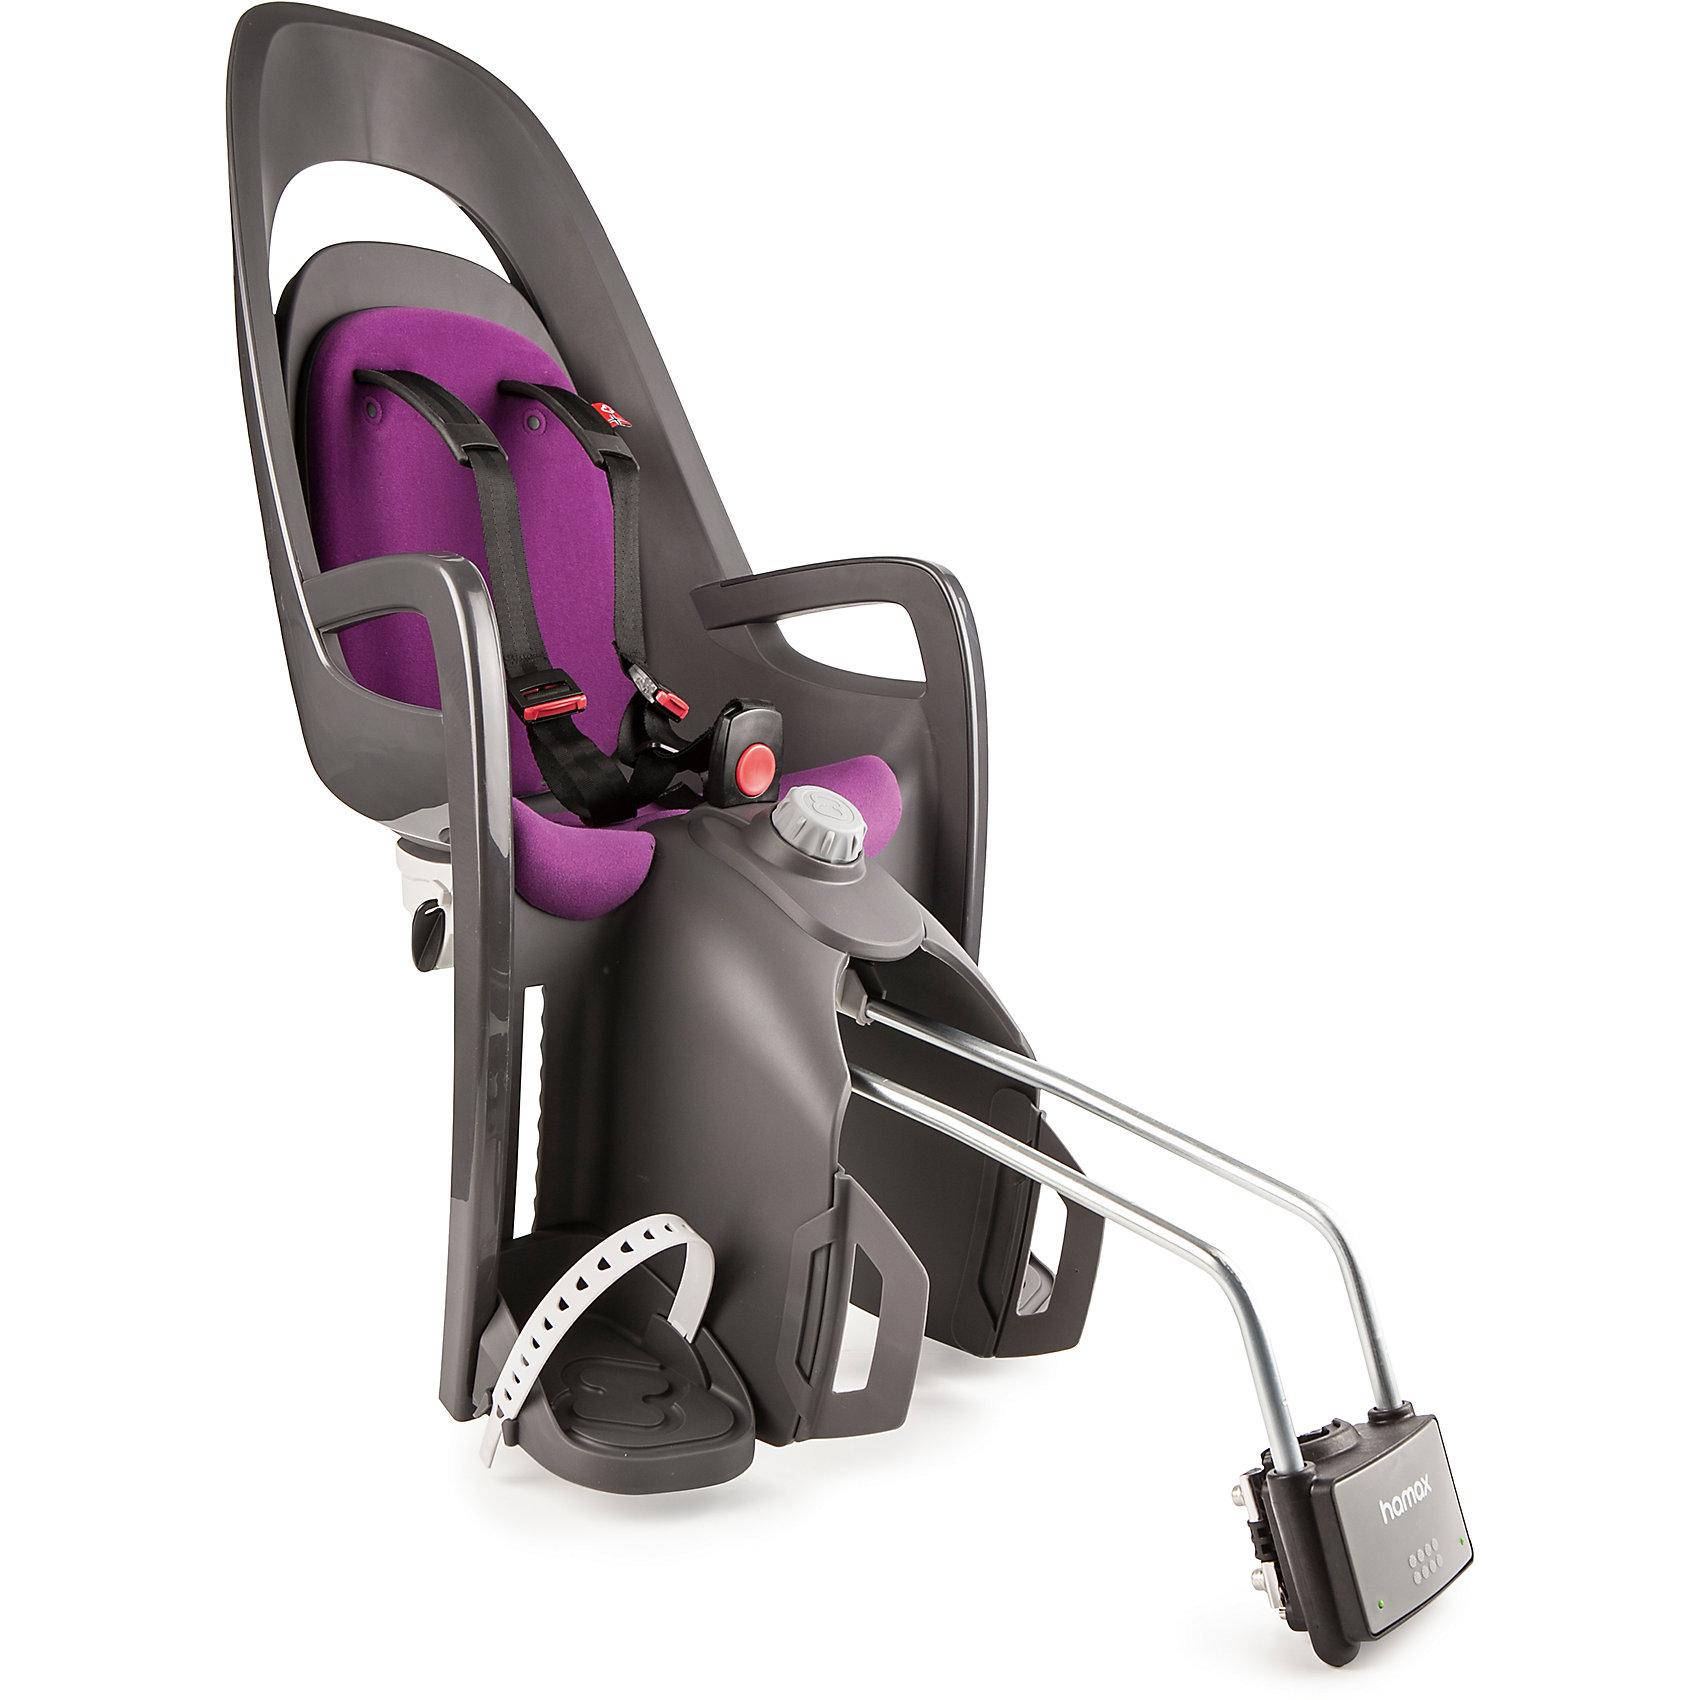 Детское велокресло Caress W/lockable Bracket, Hamax, серый/фиолетовыйАксеcсуары для велосипедов<br>Характеристики товара:<br><br>• цвет: серый, фиолетовый<br>• спинка настраивается по высоте <br>• наклон изменяется в положение сон на 20? <br>• мягкая внутренняя обивка <br>• новая система подножек регулируется одной рукой <br>• новая система ремней безопасности с плечевыми подушечками <br>для облегчения подгонки и большего комфорта <br>• задние светоотражатели для большей безопасности на дорогах <br>• возможность монтажа на велосипед у которого нет багажника <br>• максимальная нагрузка 22 кг. Перевозка детей младше 9 месяцев не рекомендуется. <br>• надёжность и простота подгонки <br>• запирающийся крепёжный кронштейн <br>• страна бренда: Польша<br>• размер: 38,1 x 95 x 29,6 см. <br>• вес: 4,6 кг.<br><br>В модели Caress всё по высшему разряду, и внешний вид, и уровень комфорта. <br><br>Элегантные и современные линии, двусторонний и двухцветный каркас, внутренняя обивка - все эти элементы придают дизайну сиденья особую завершённость.<br><br>Детское велокресло Caress W/lockable Bracket, Hamax, серый/фиолетовый можно купить в нашем интернет-магазине.<br><br>Ширина мм: 365<br>Глубина мм: 940<br>Высота мм: 280<br>Вес г: 5000<br>Возраст от месяцев: 9<br>Возраст до месяцев: 48<br>Пол: Унисекс<br>Возраст: Детский<br>SKU: 5582620